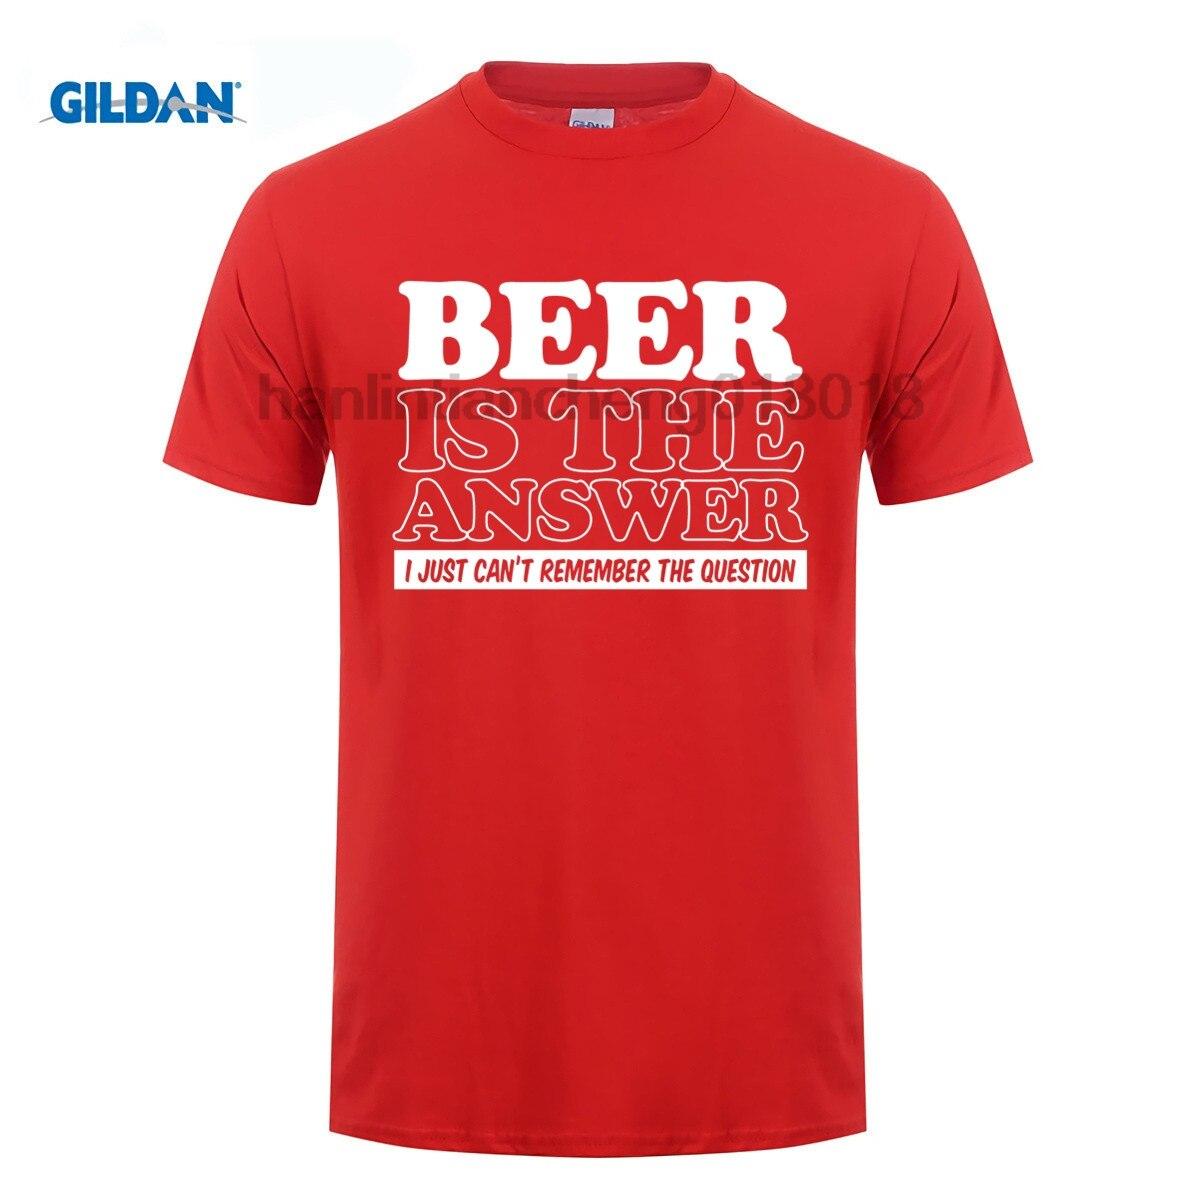 GILDAN Biere Is The Answer Drole T Shirt Pour s Papa Fete Des Peres CAMRA Real Ale Summer Style Hip Hop Men T Shirt Tops